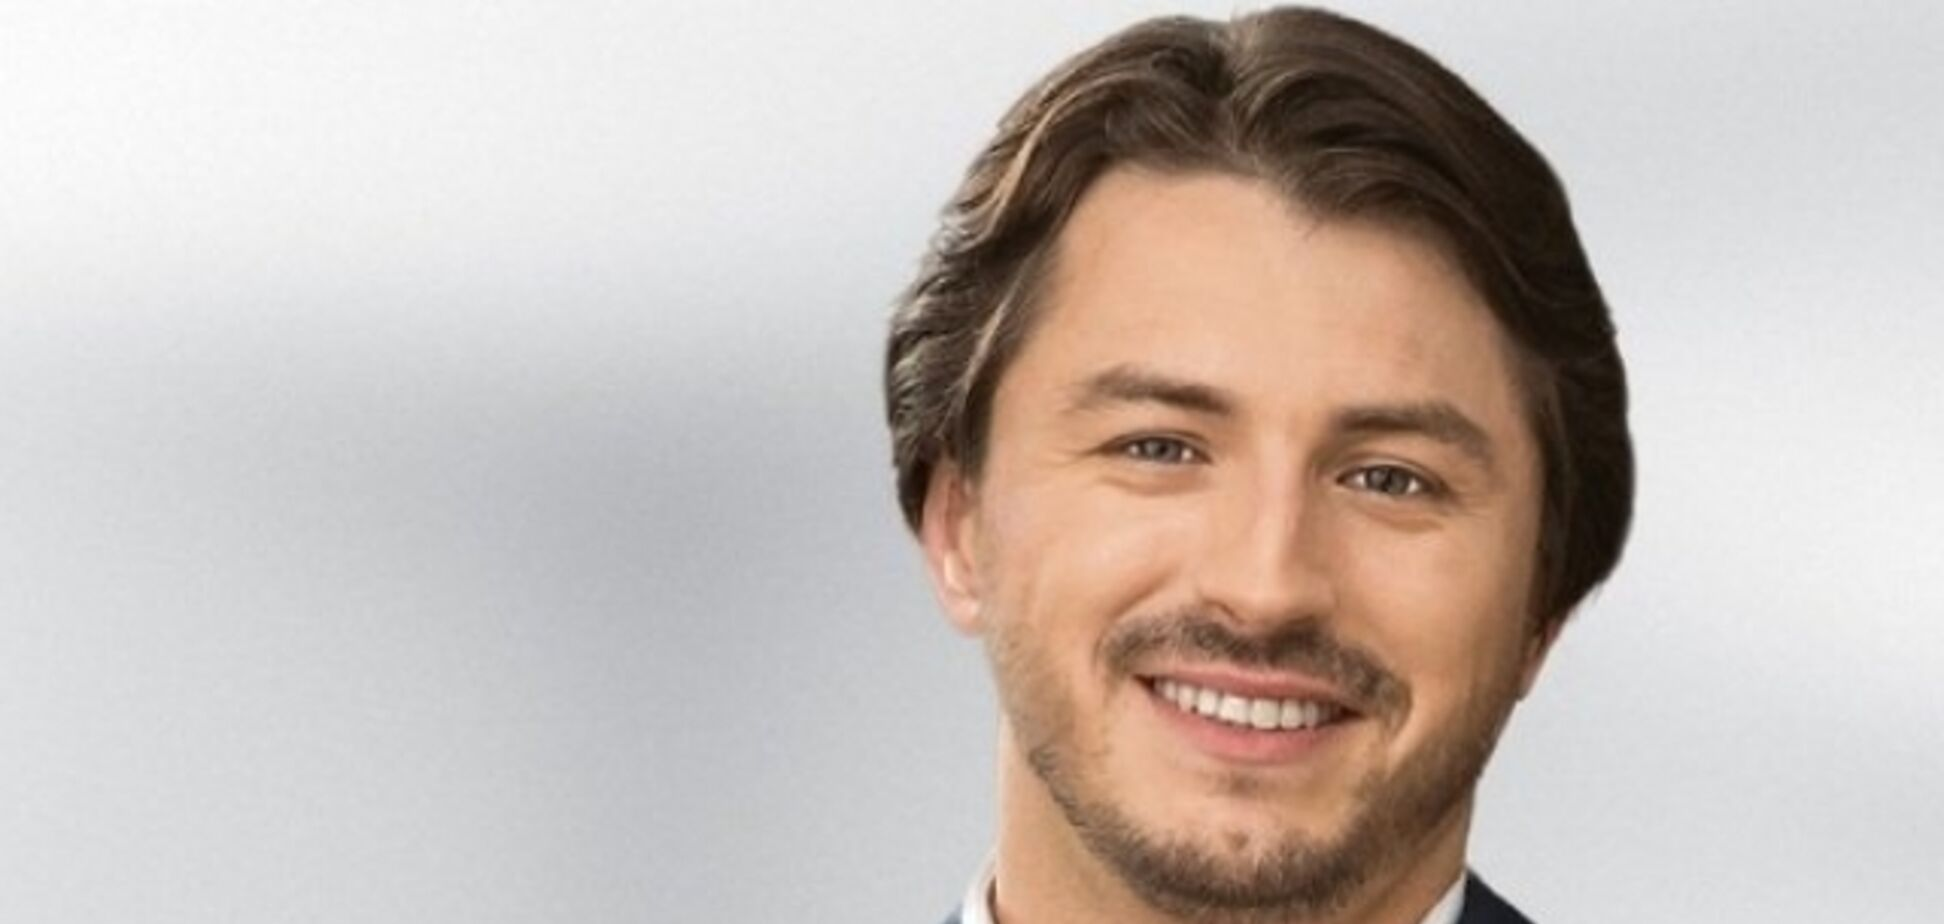 Притула піде на вибори разом із Вакарчуком: відеозвернення